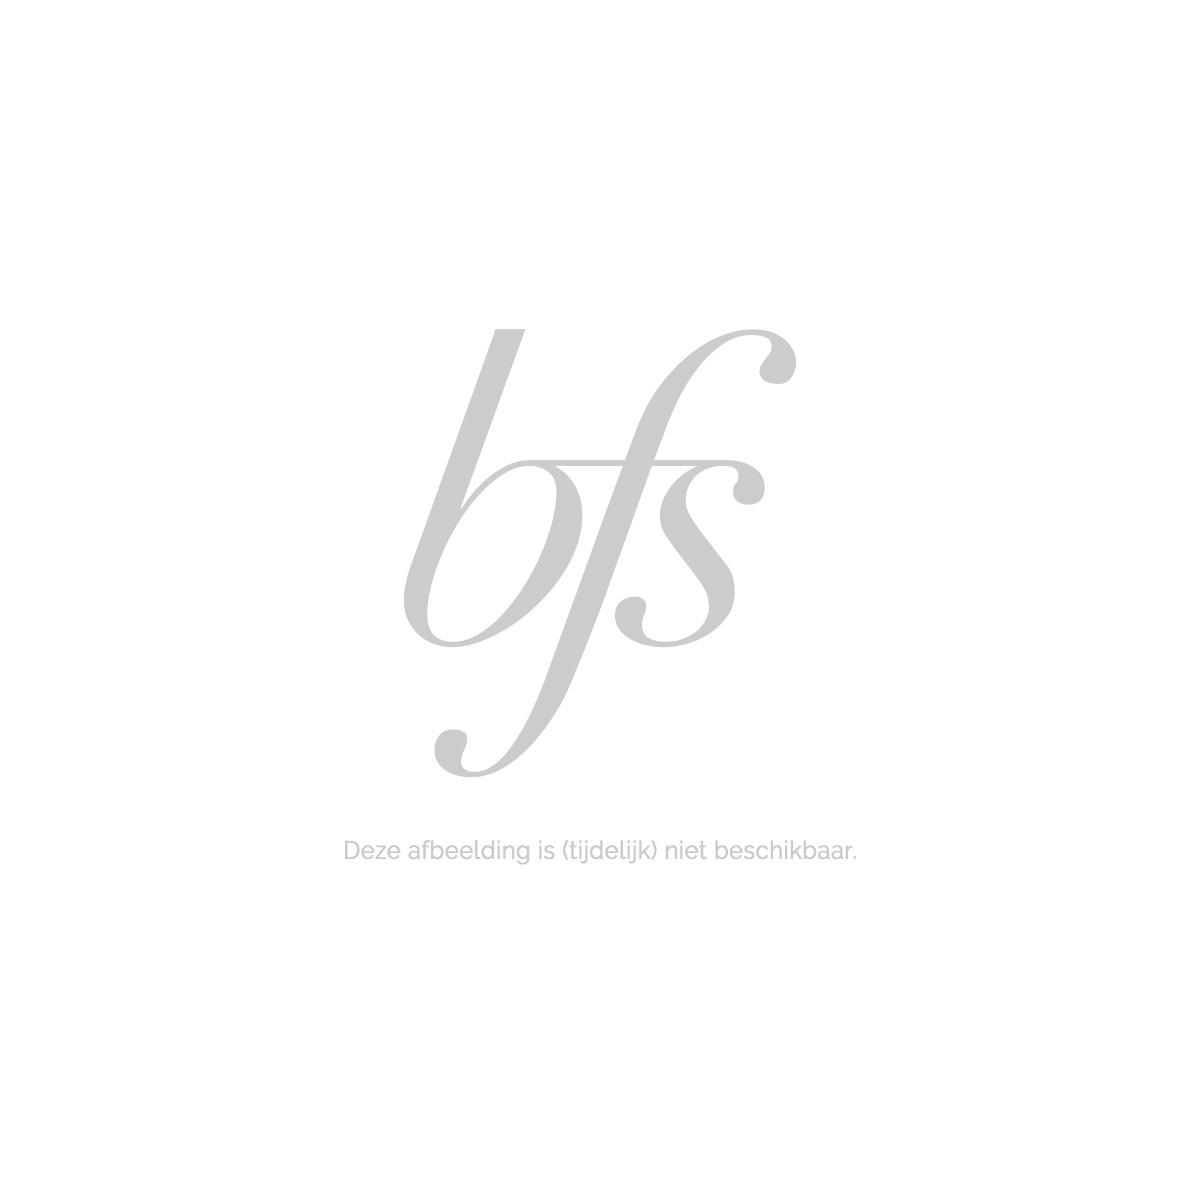 Elie Saab Le Parfum Rose Couture Eau de Toilette 50 ml